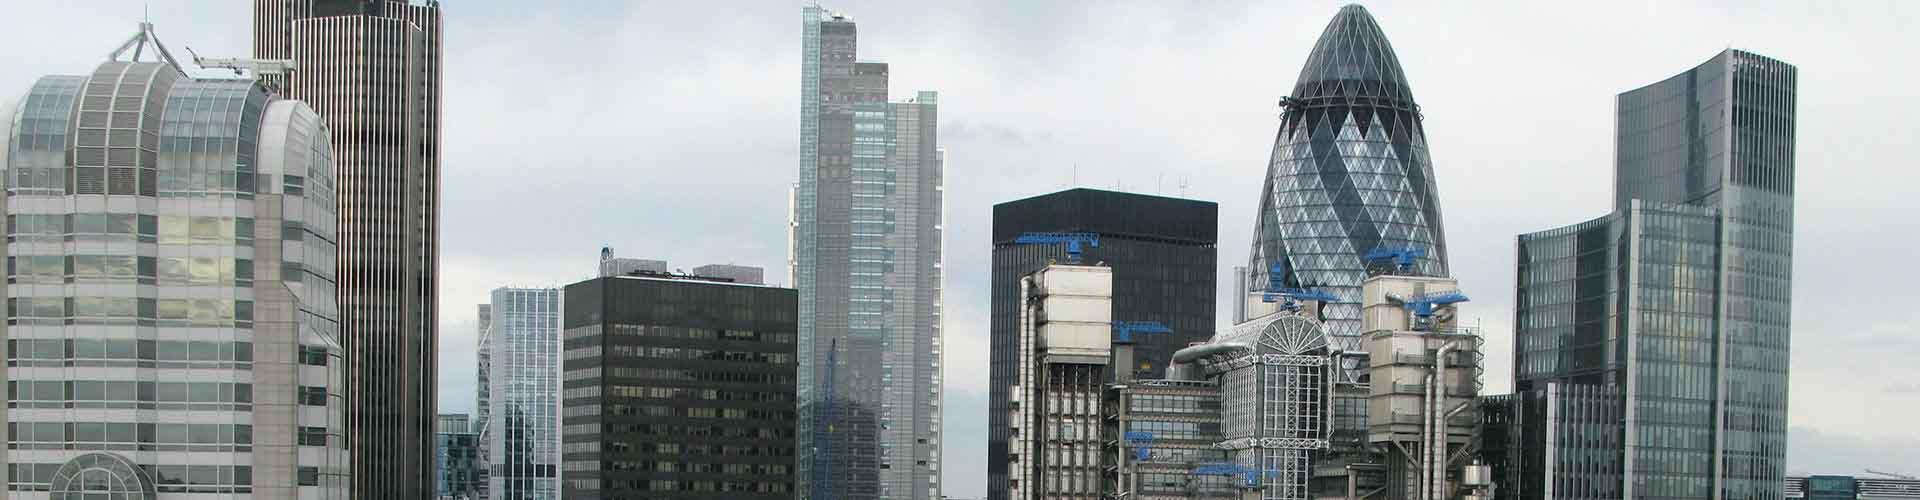 伦敦 – Lloyd's Building附近的公寓。伦敦地图,伦敦每间公寓的照片和评价。